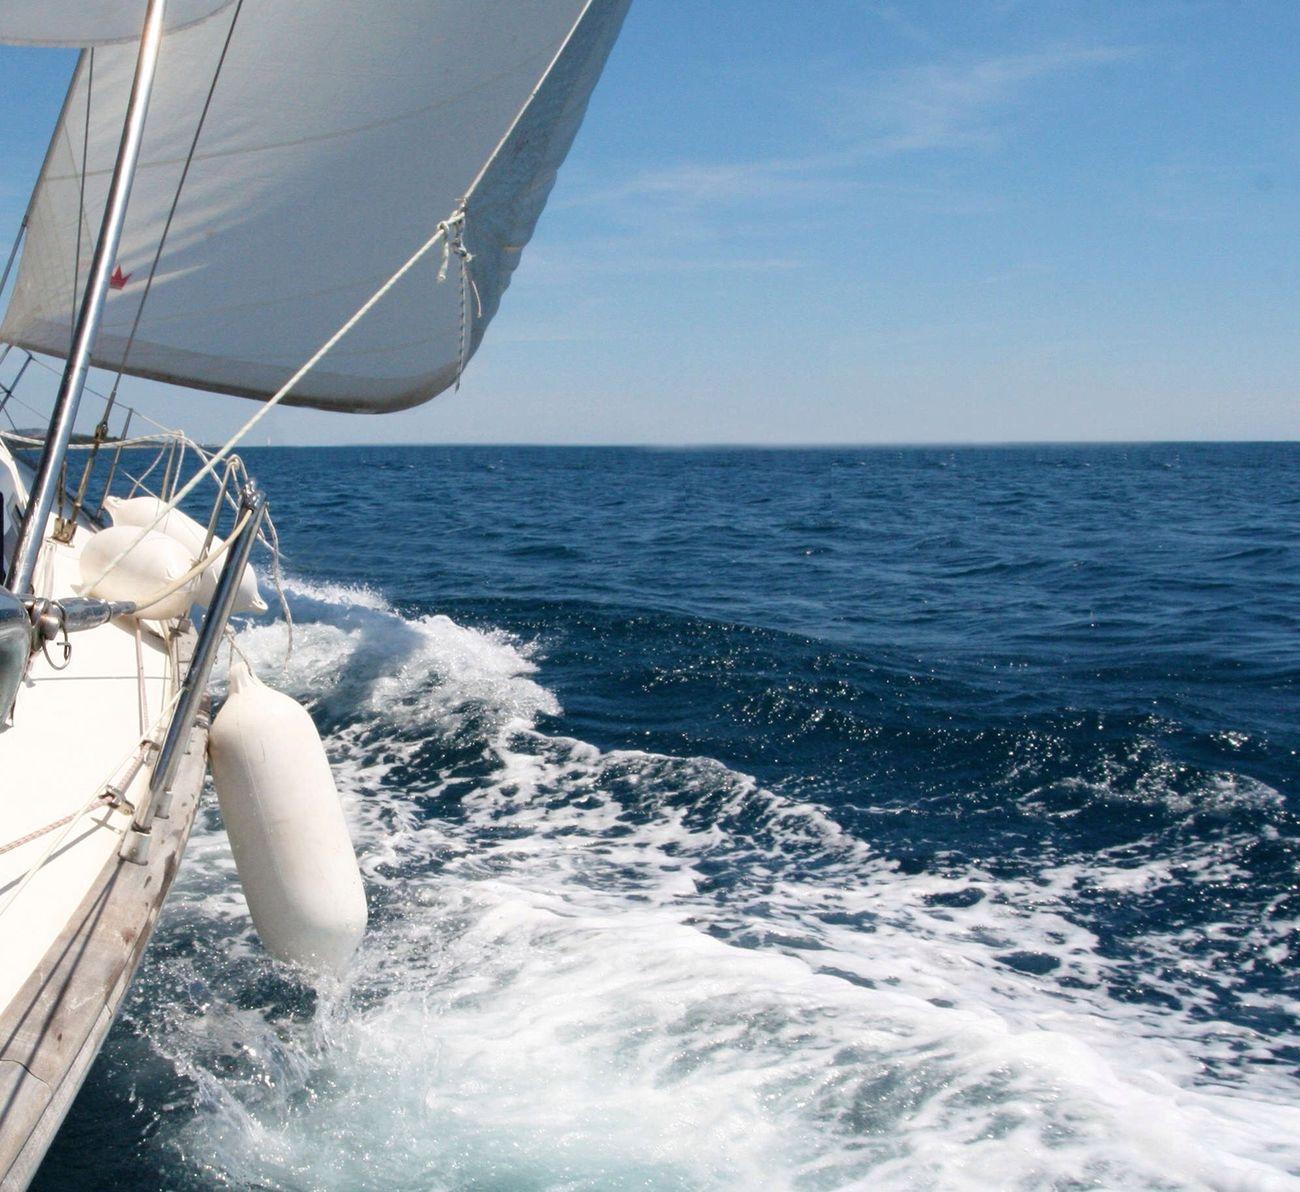 At sea and in love, come whenever you want and get out when you can. In mare ed in amore, entri quando vuoi ed esci quando puoi. En mar y amores, entrarás cuando quieras y saldrás cuando puedas. #moraledelmare #sailingquote #amailmare #amori #love #oceans #marionio #vela #barcaavela Sailing